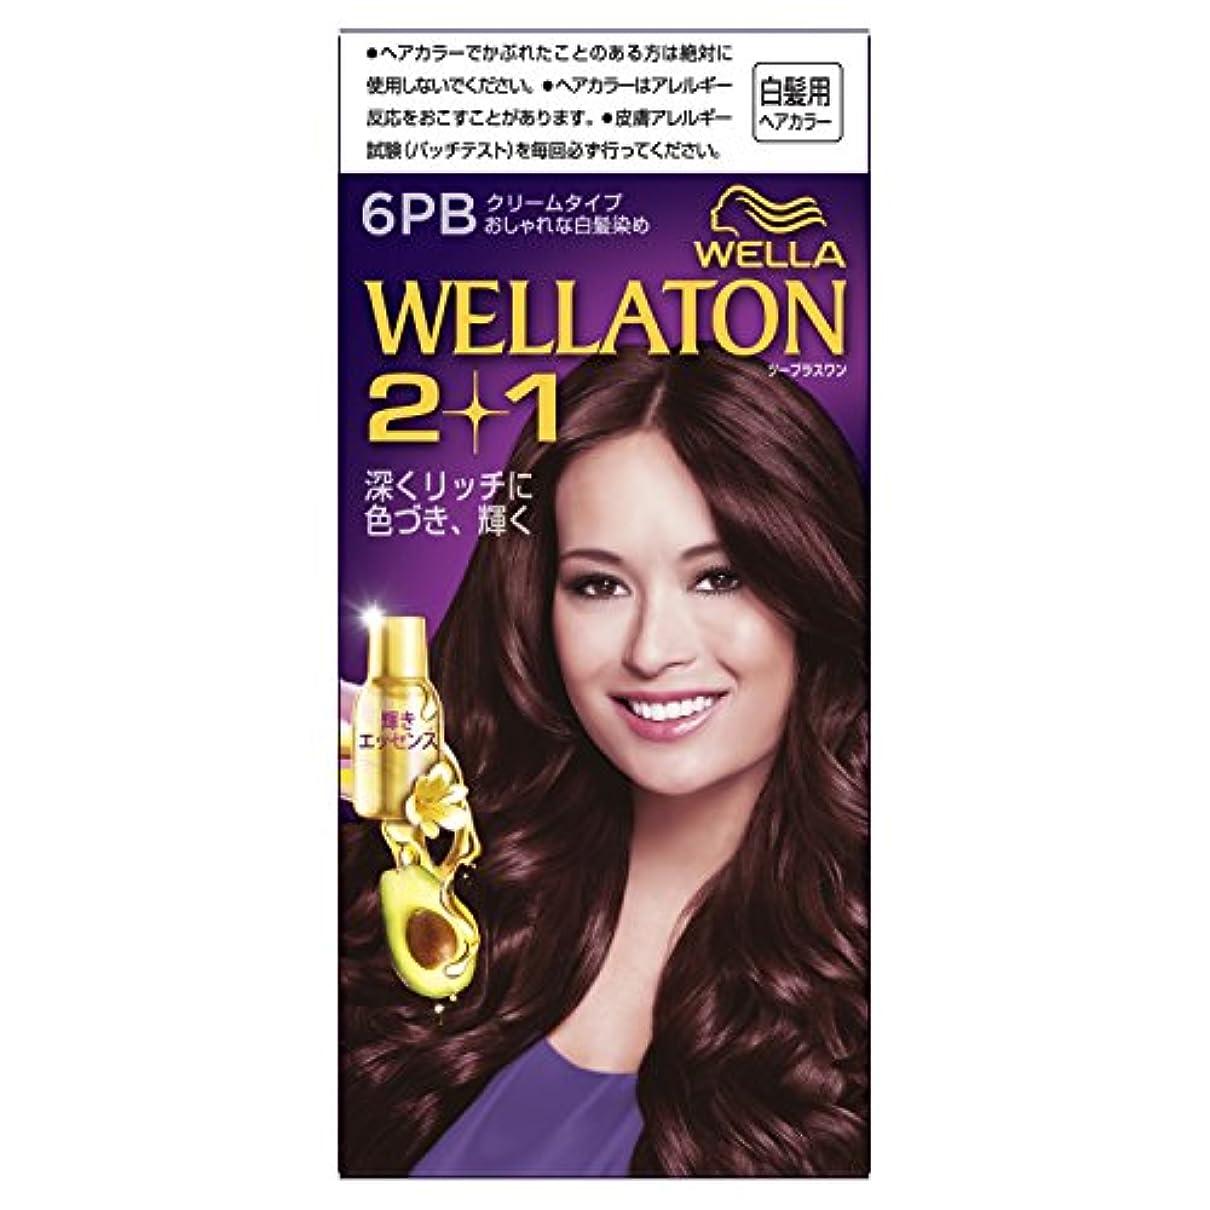 どこでもくしゃみ専門ウエラトーン2+1 クリームタイプ 6PB [医薬部外品](おしゃれな白髪染め)